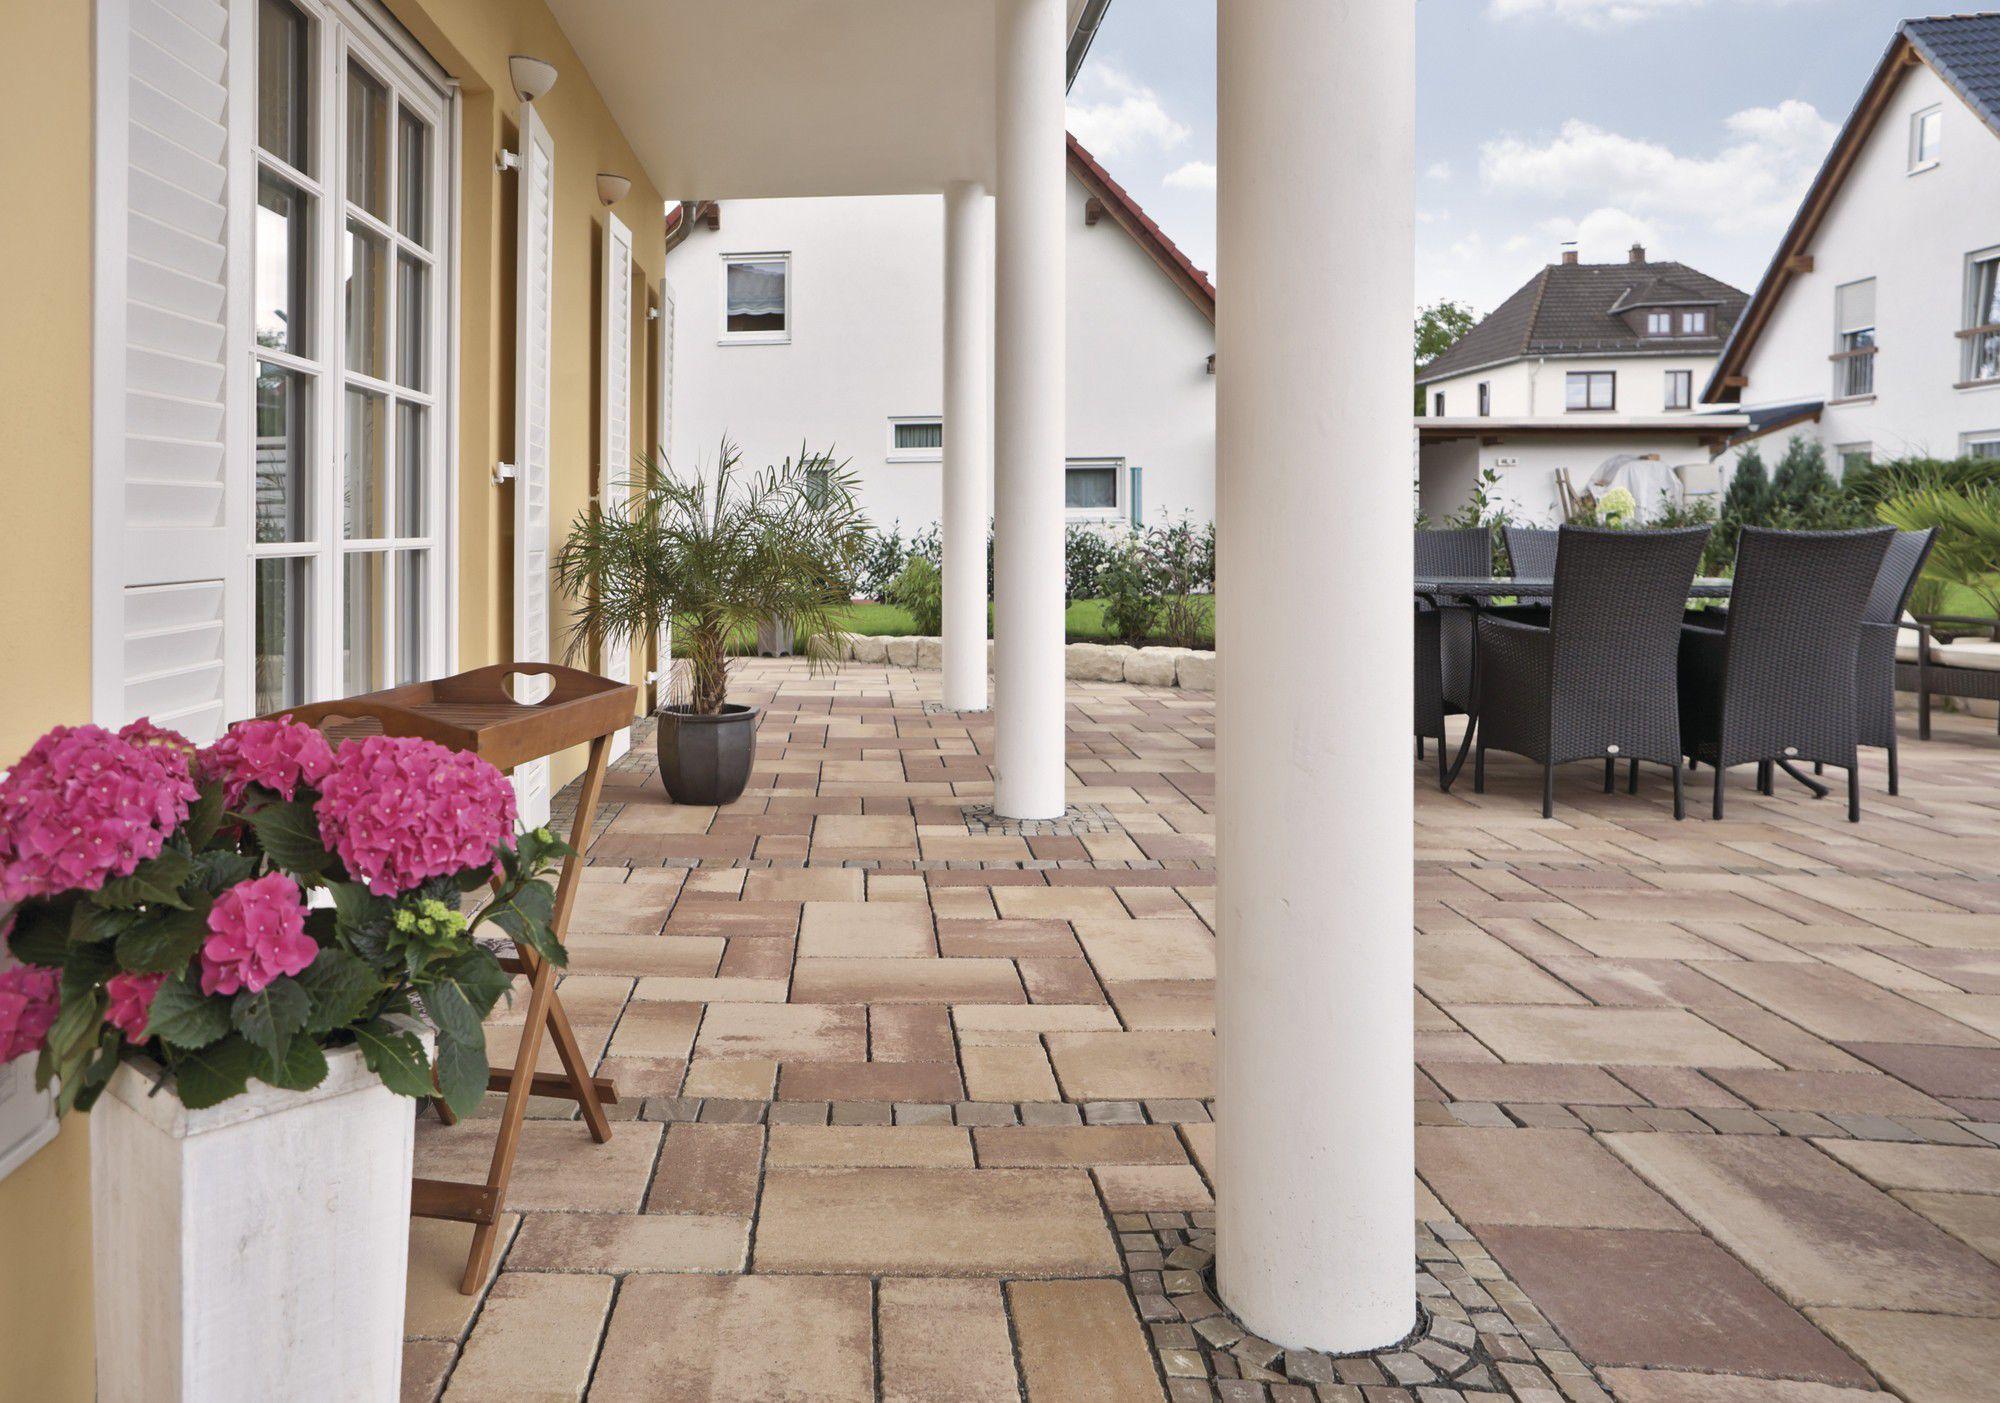 Pavimenti rustici da esterno: pavimento effetto rustico cementine ...